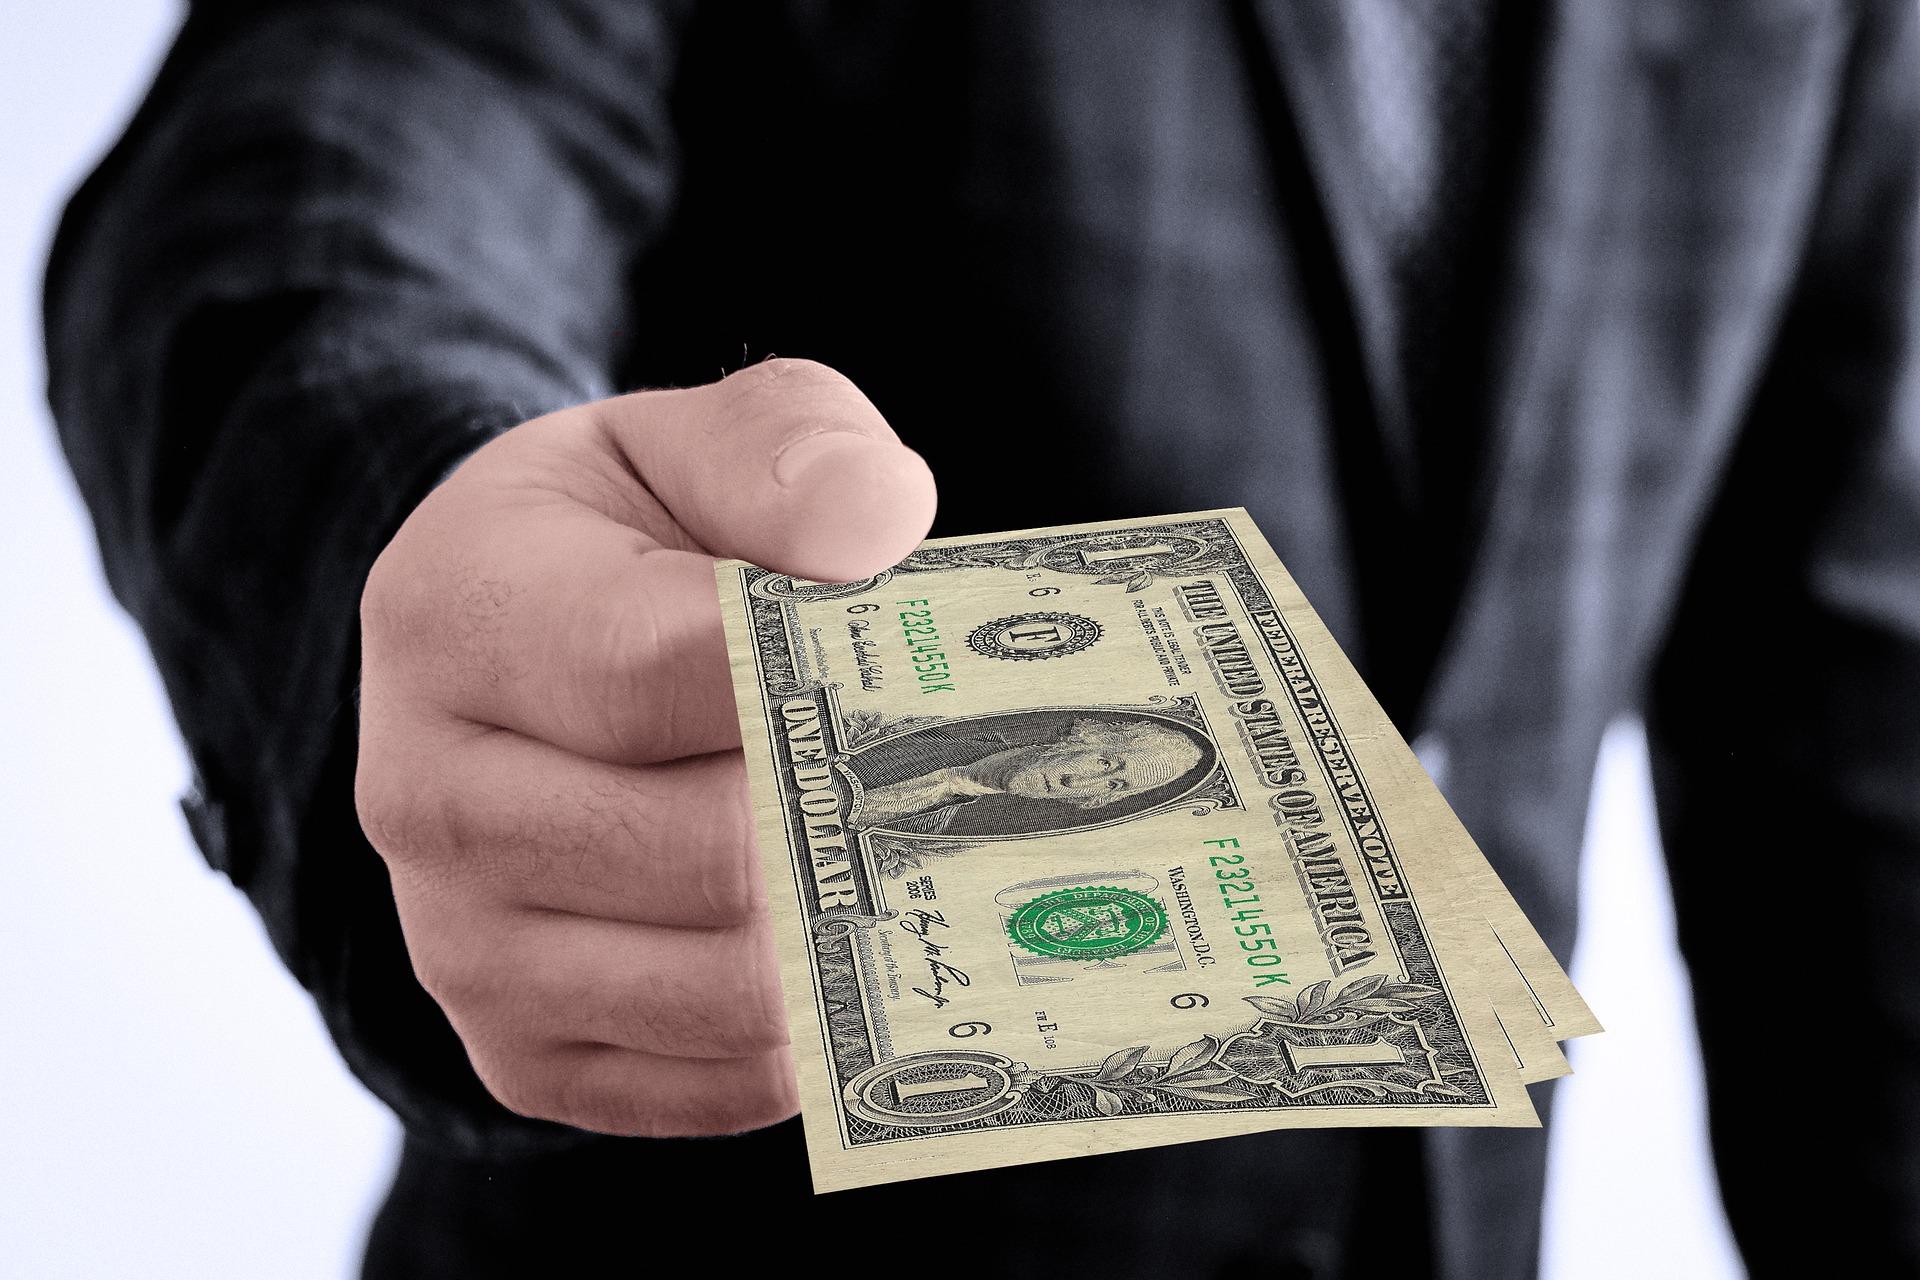 Donazioni non soggette a collazione